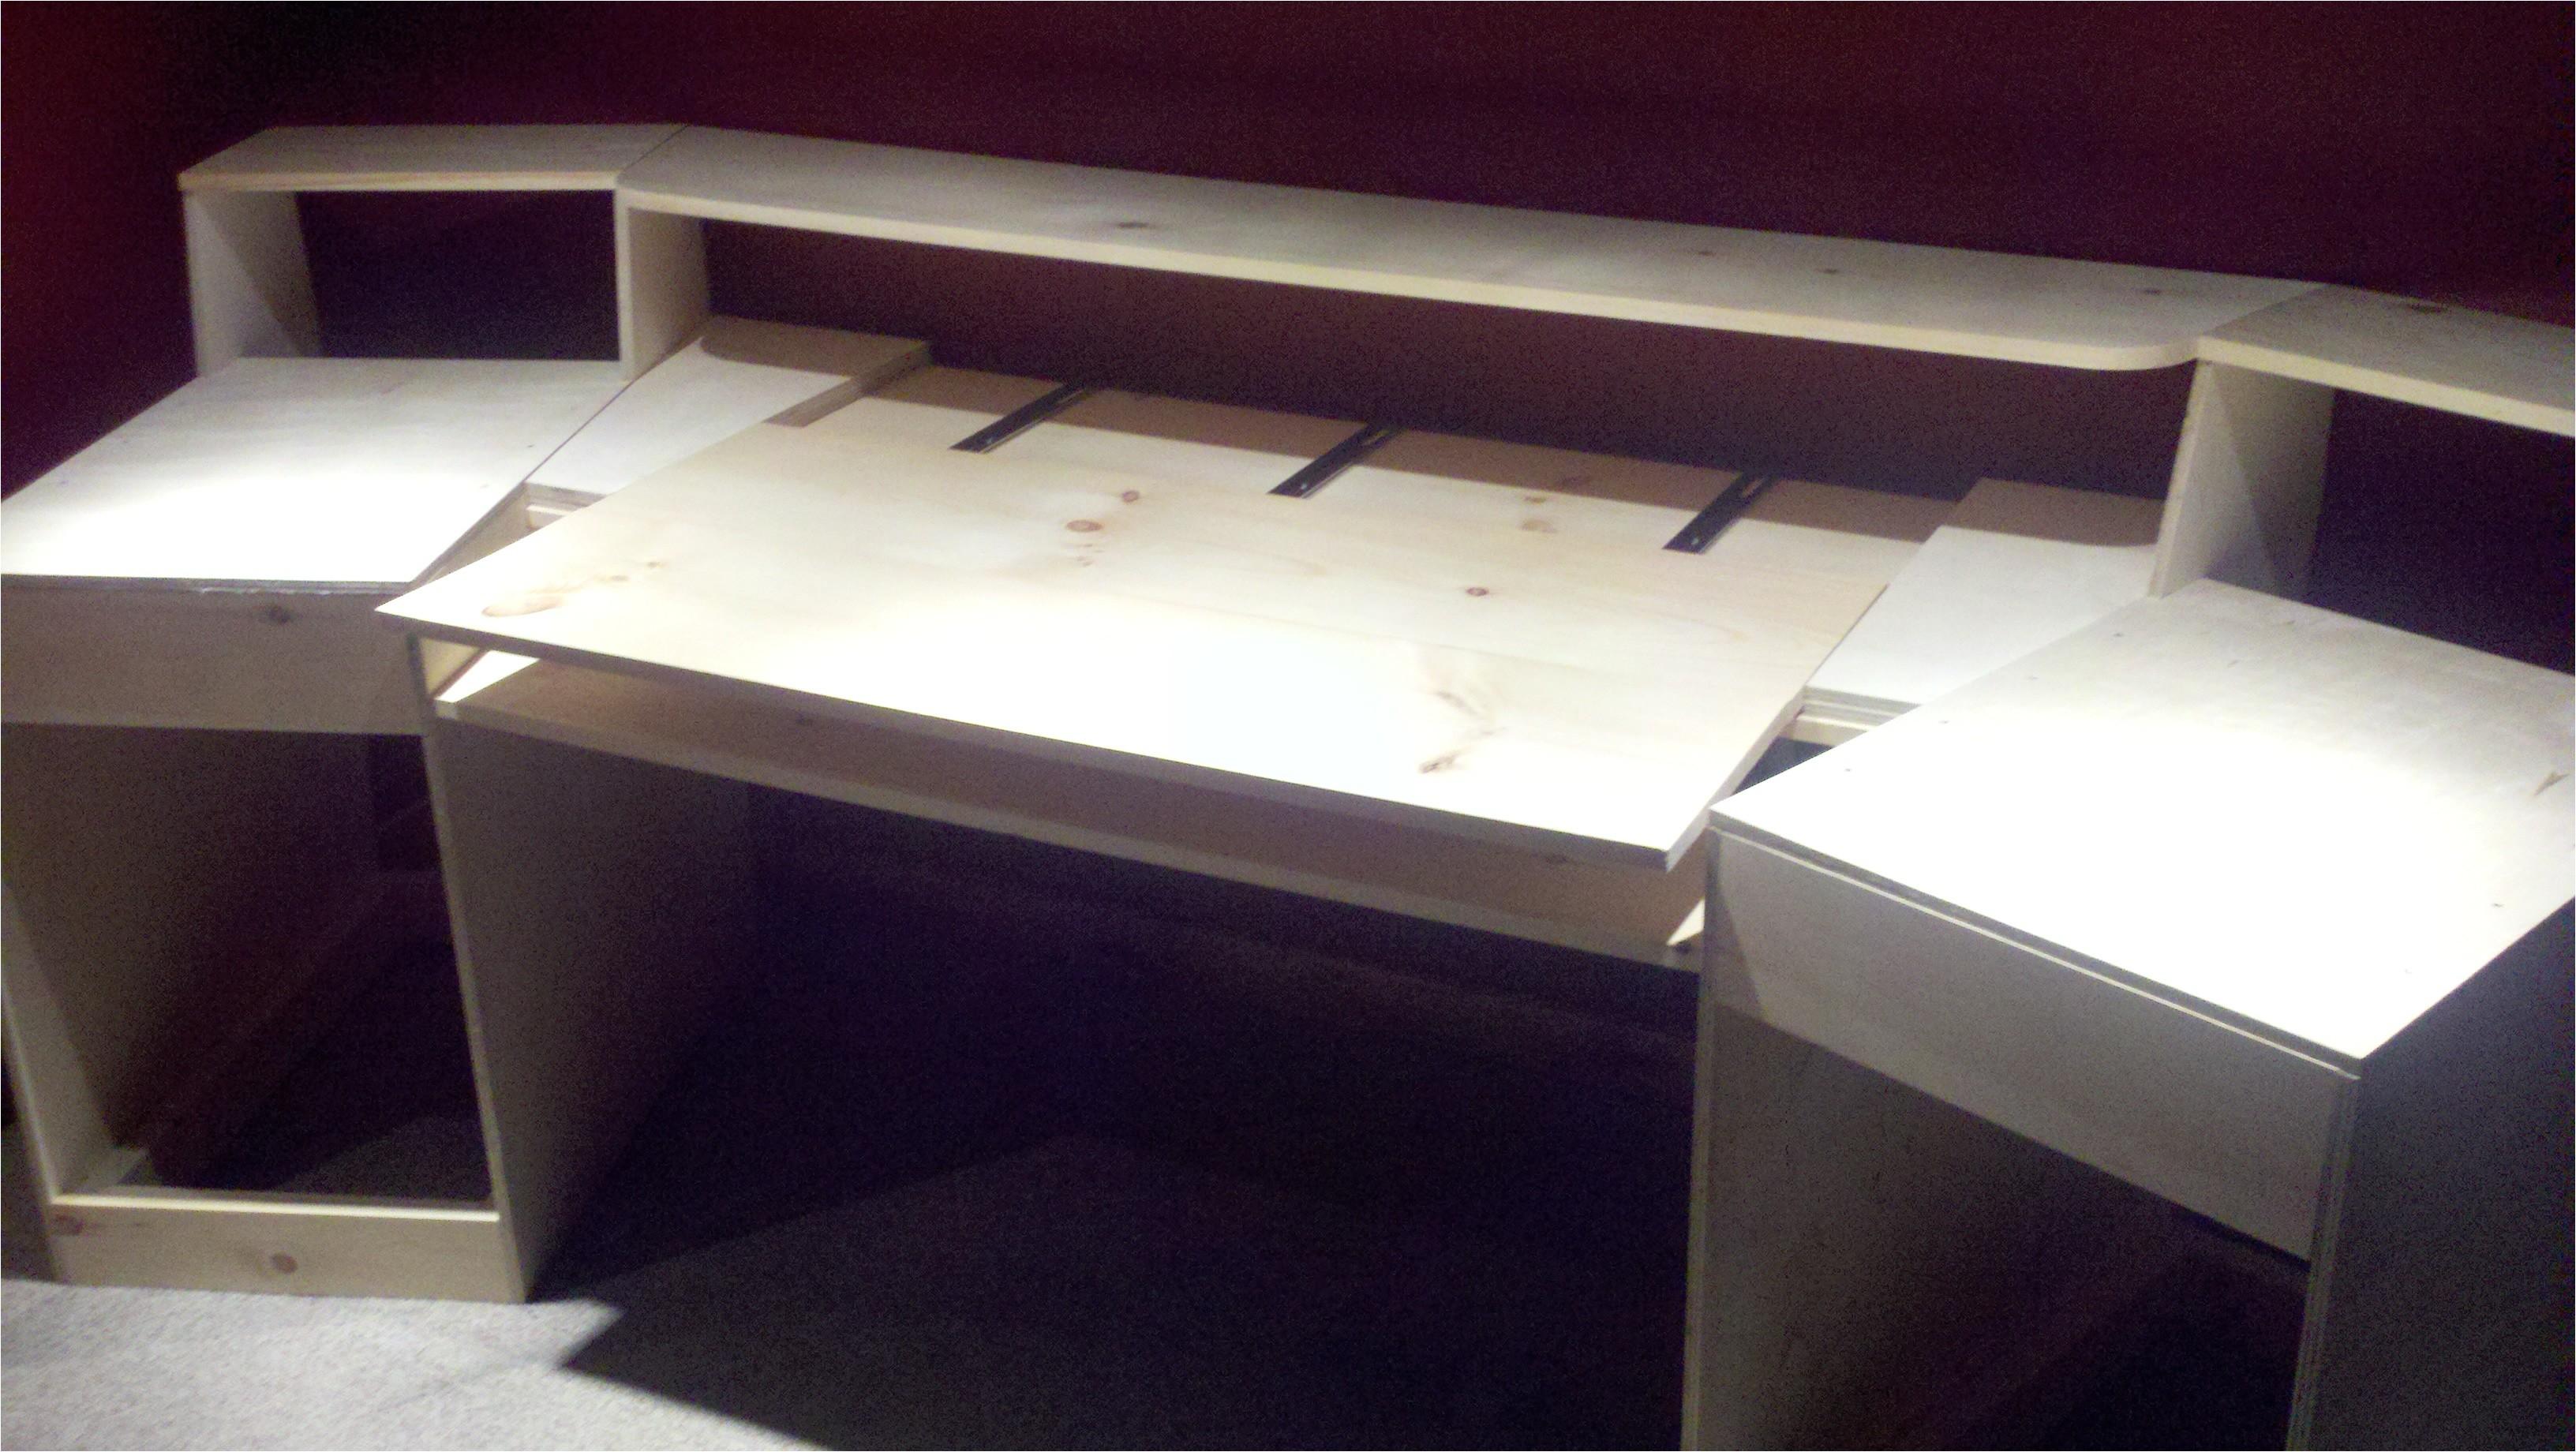 Home Studio Desk Plans Pdf Plans Home Studio Desk Plans Download Diy How to Build